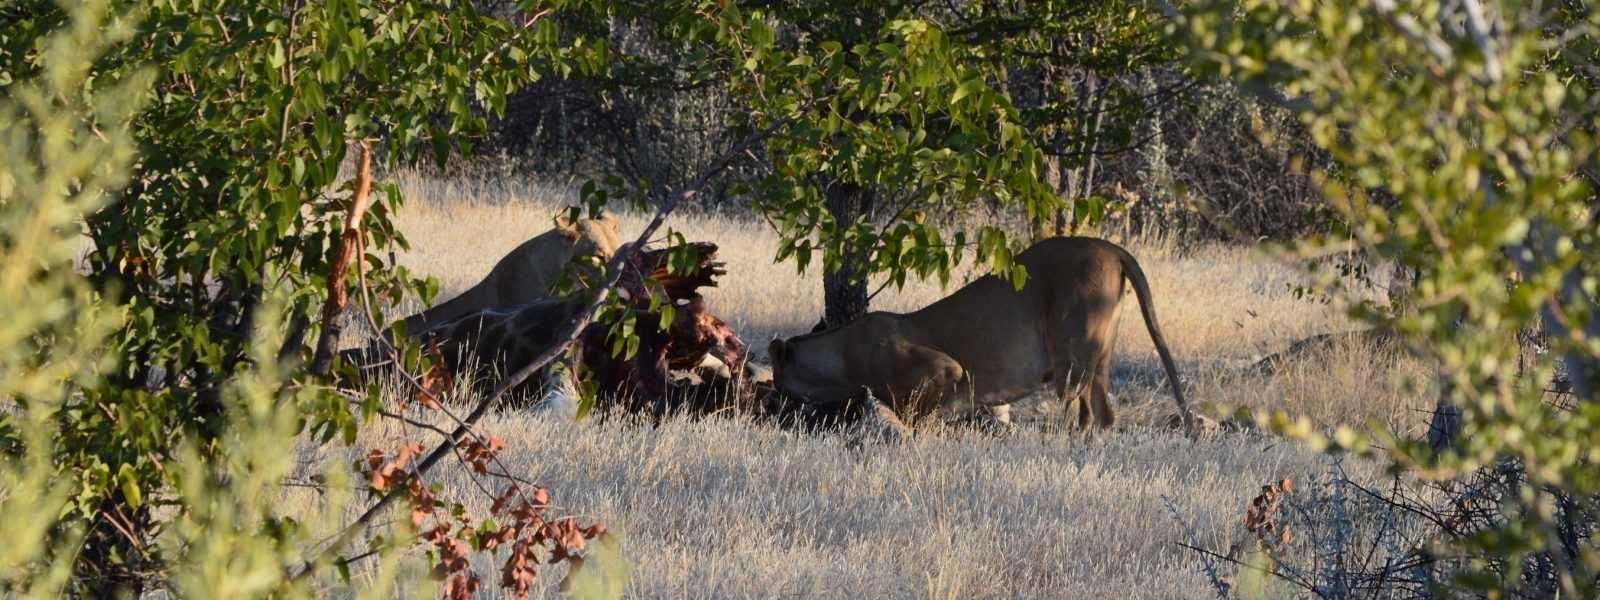 Etosha National Park Lions